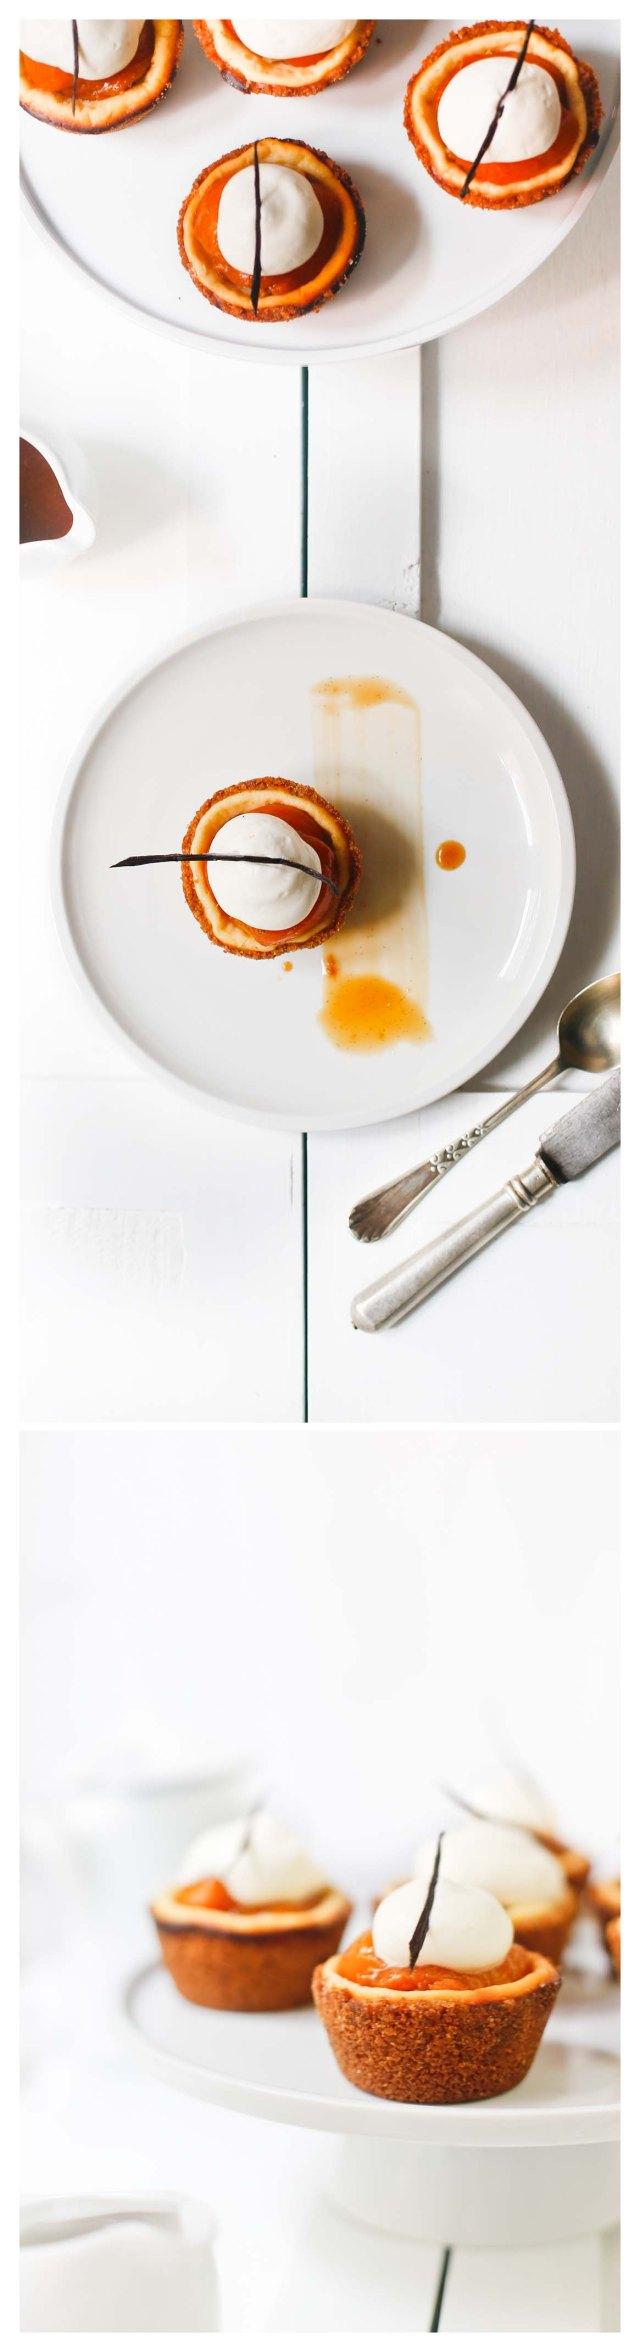 A disfrutar la tartita de albaricoques y queso